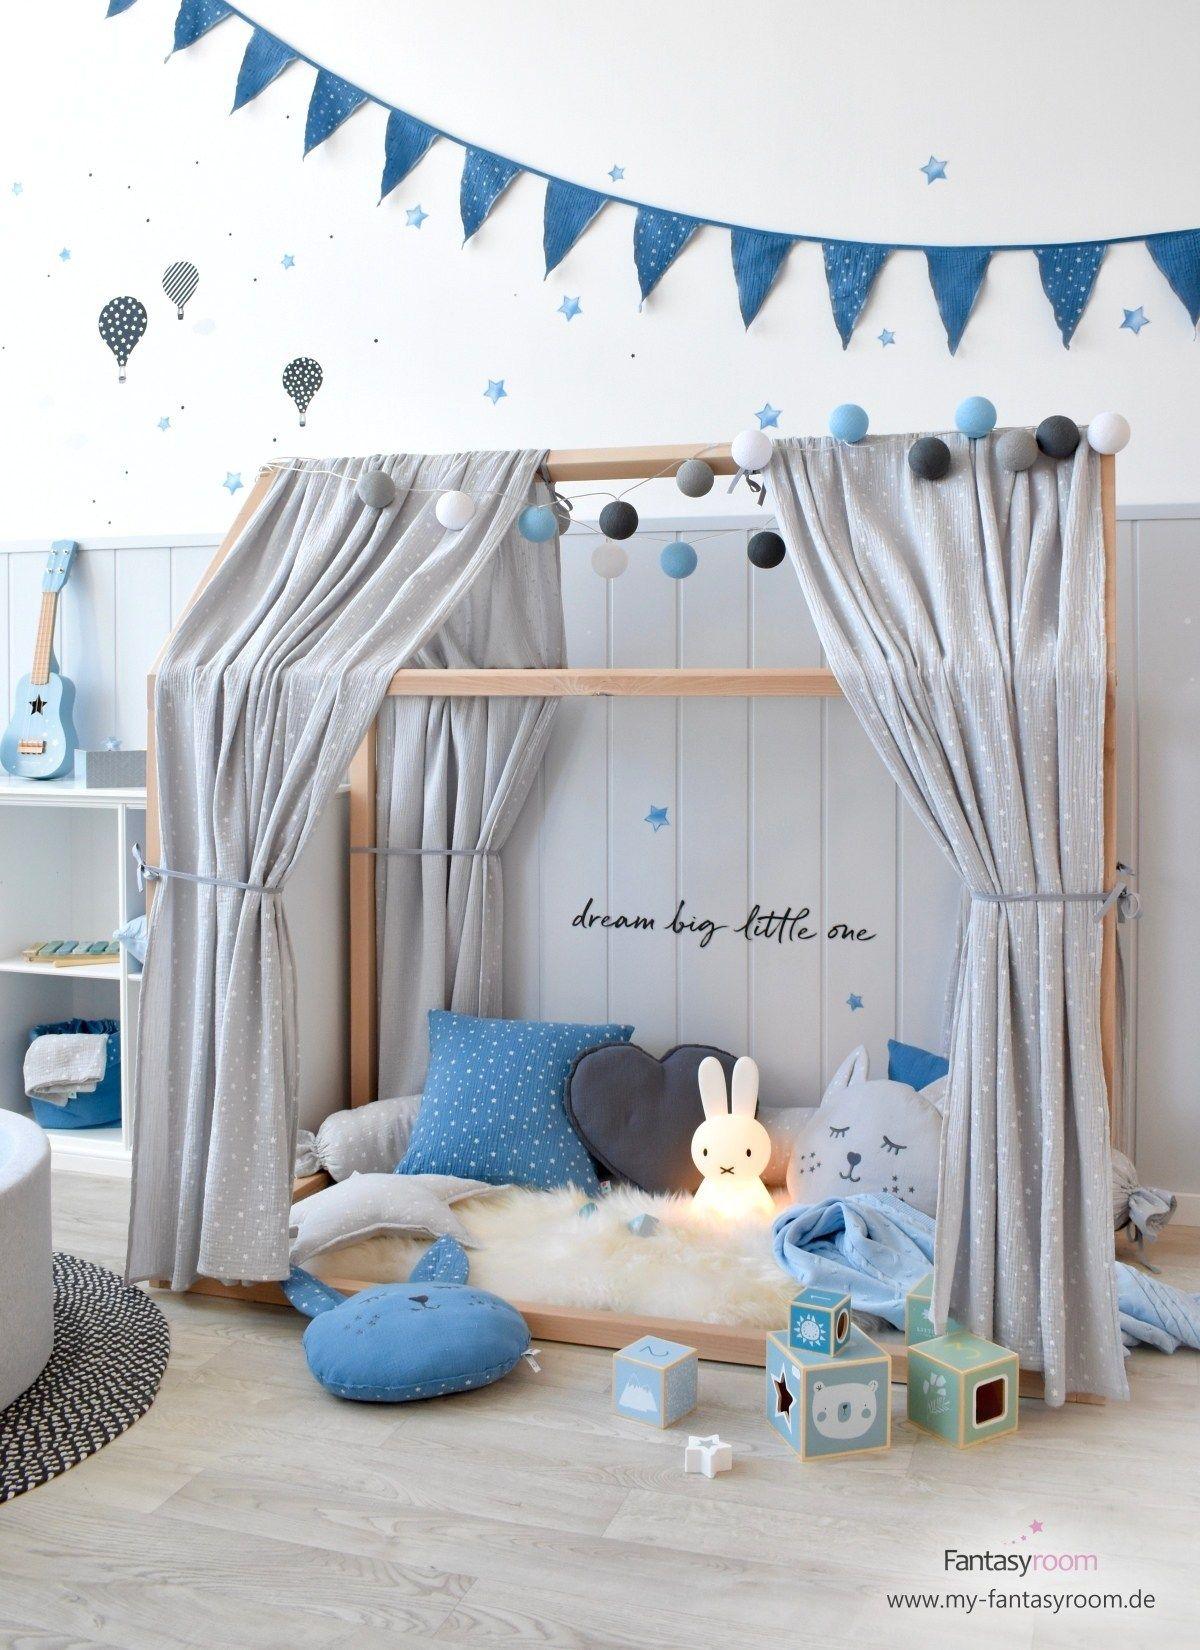 Spielzimmer in Blau, Grau & Schwarz bei Fantasyroom online kaufen #salledejeuxenfant